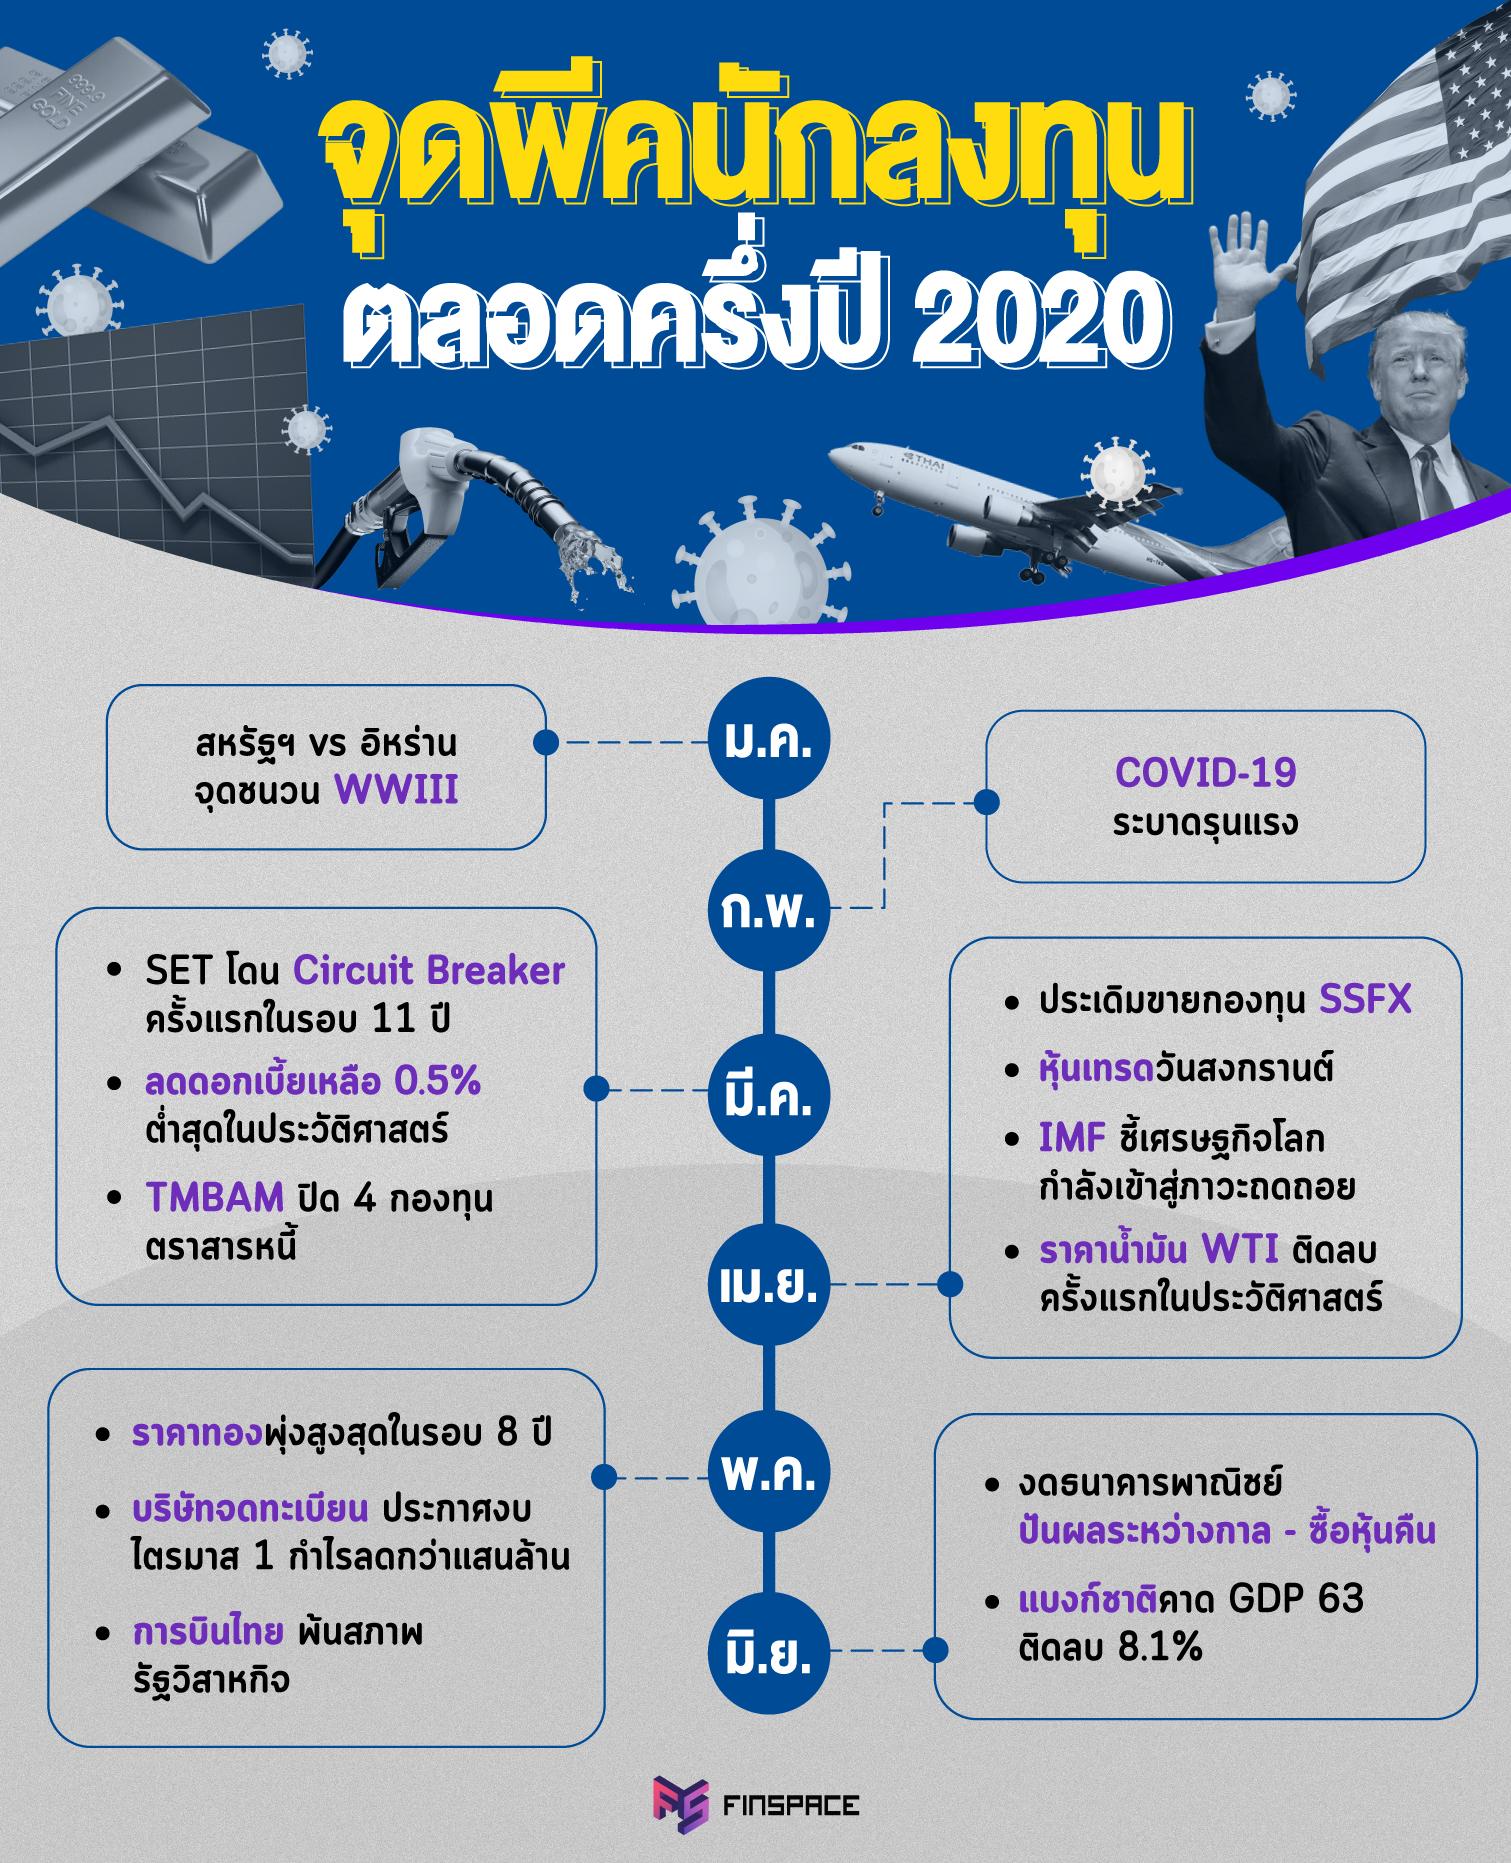 สรุปเรื่องสุดพีค ครึ่งปีผ่านไป...นักลงทุนไทยเจออะไรบ้าง